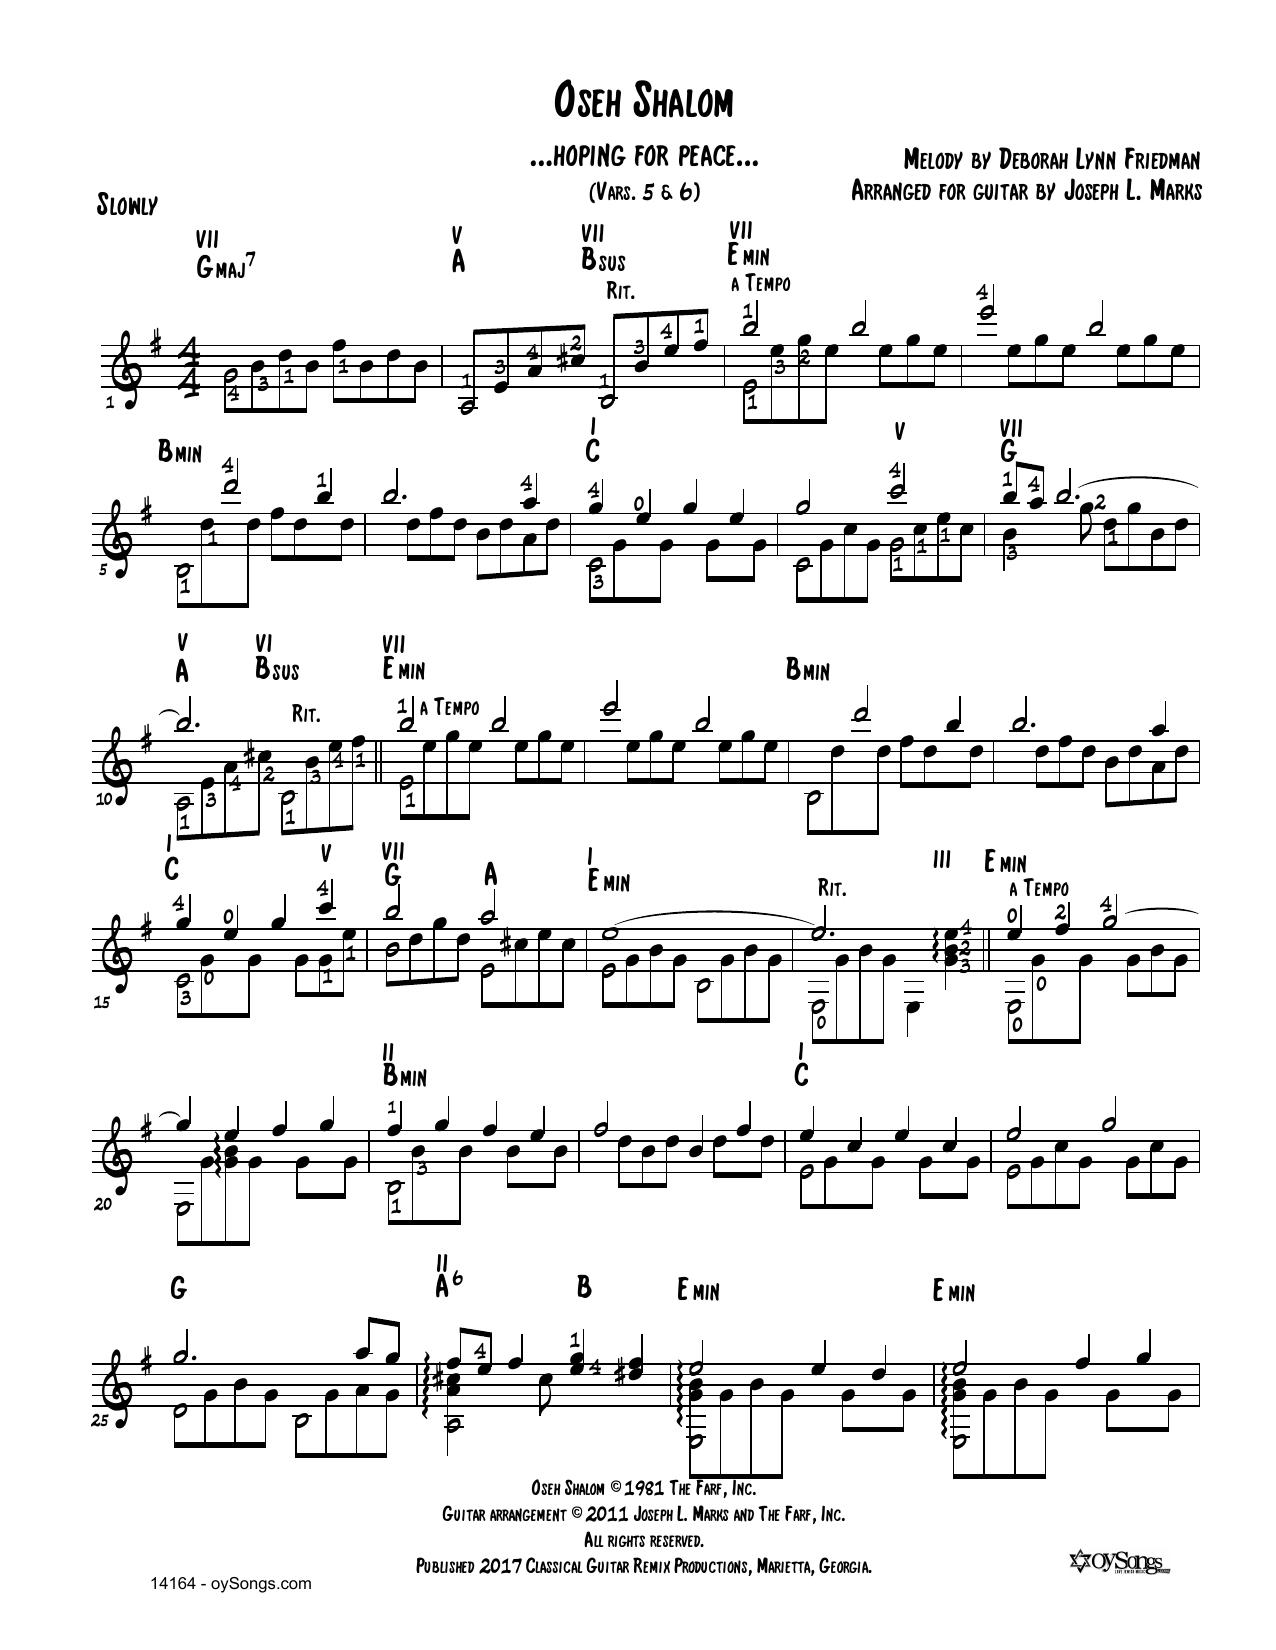 Oseh Shalom Vars 5,6 Sheet Music